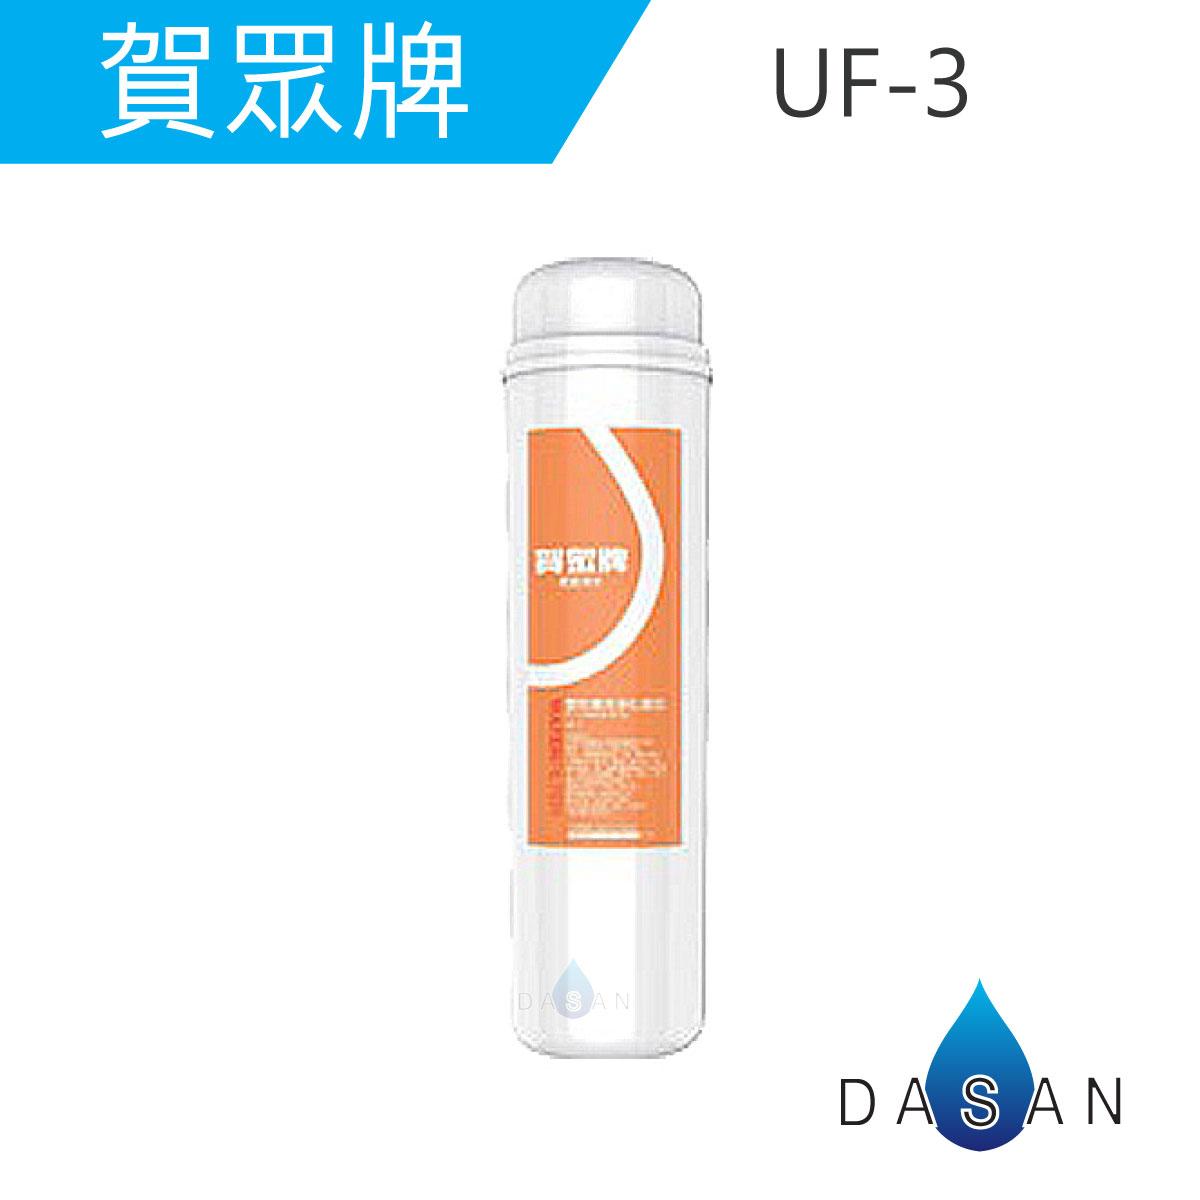 大山淨水生活館 UF-3/ UF3 賀眾牌濾心 PP+高精密壓縮活性碳複合式濾芯 適用UR-5501JW/ UR-5502JW/ UR-5602JW-1/ UF...